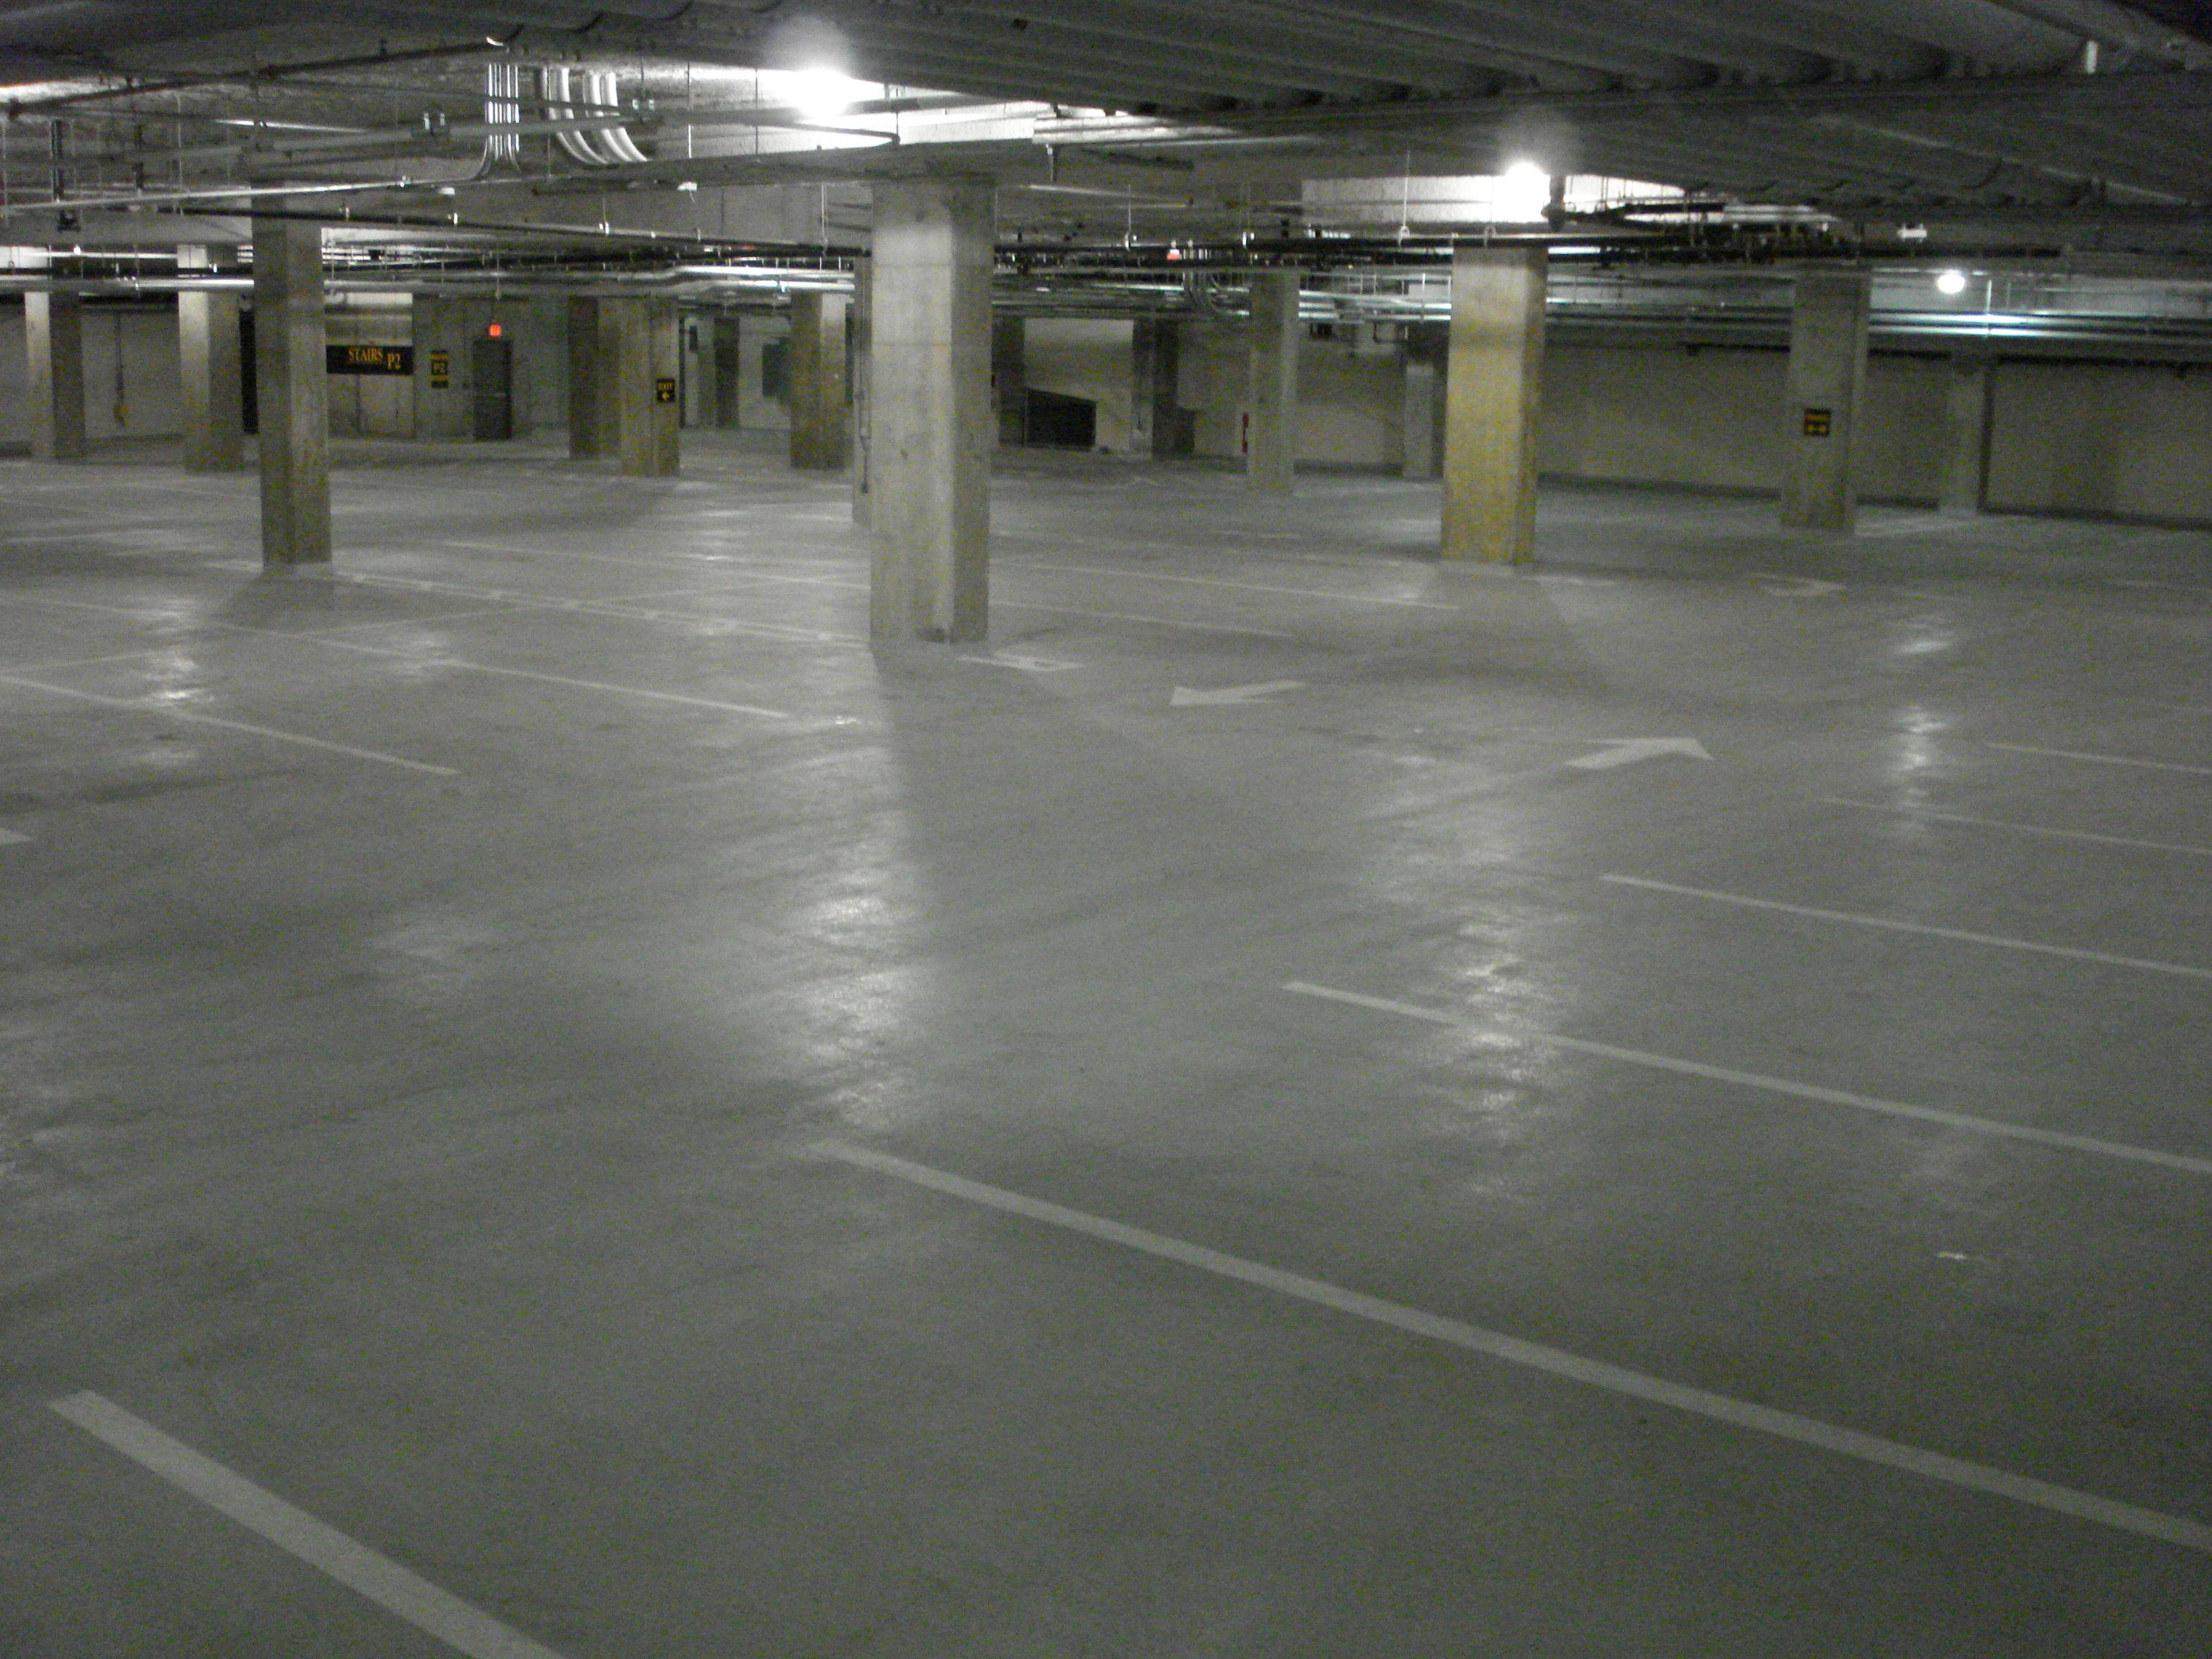 Traffic Coatings  Urethane  Membrane  Parking Decks  Vulkem  Neogard